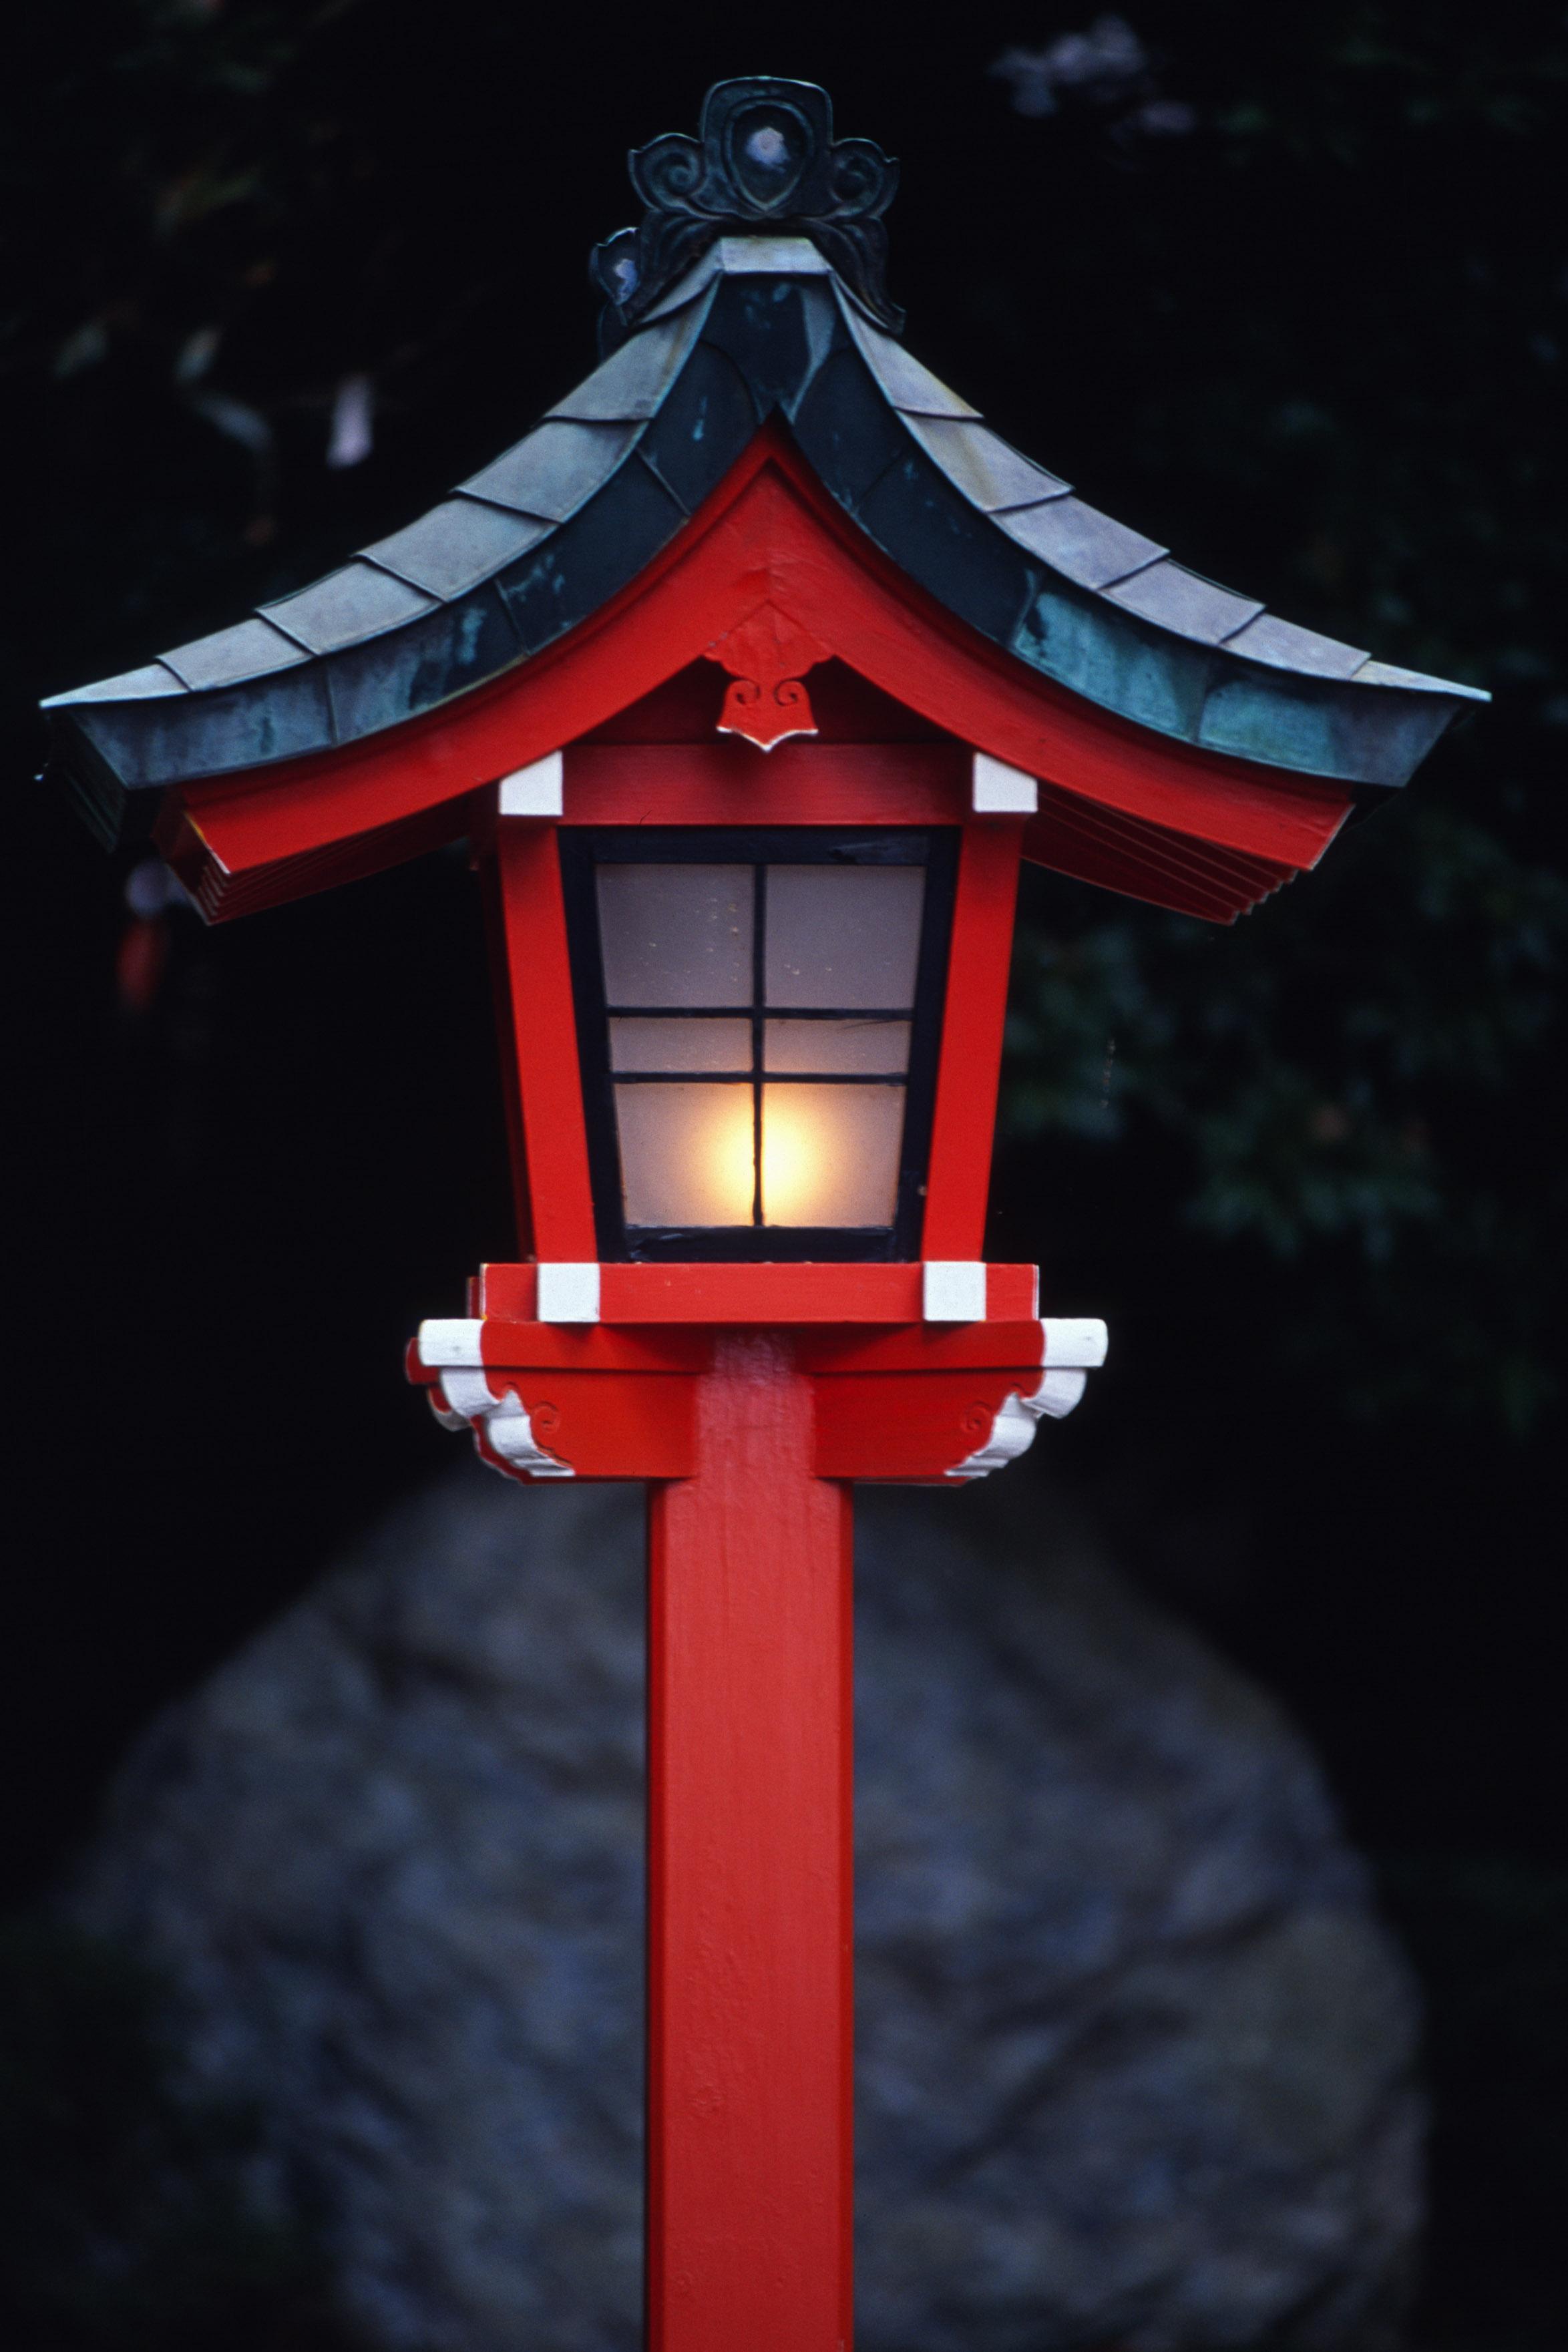 ... Japanese Lantern Plans Plans DIY Free Download swing bench design